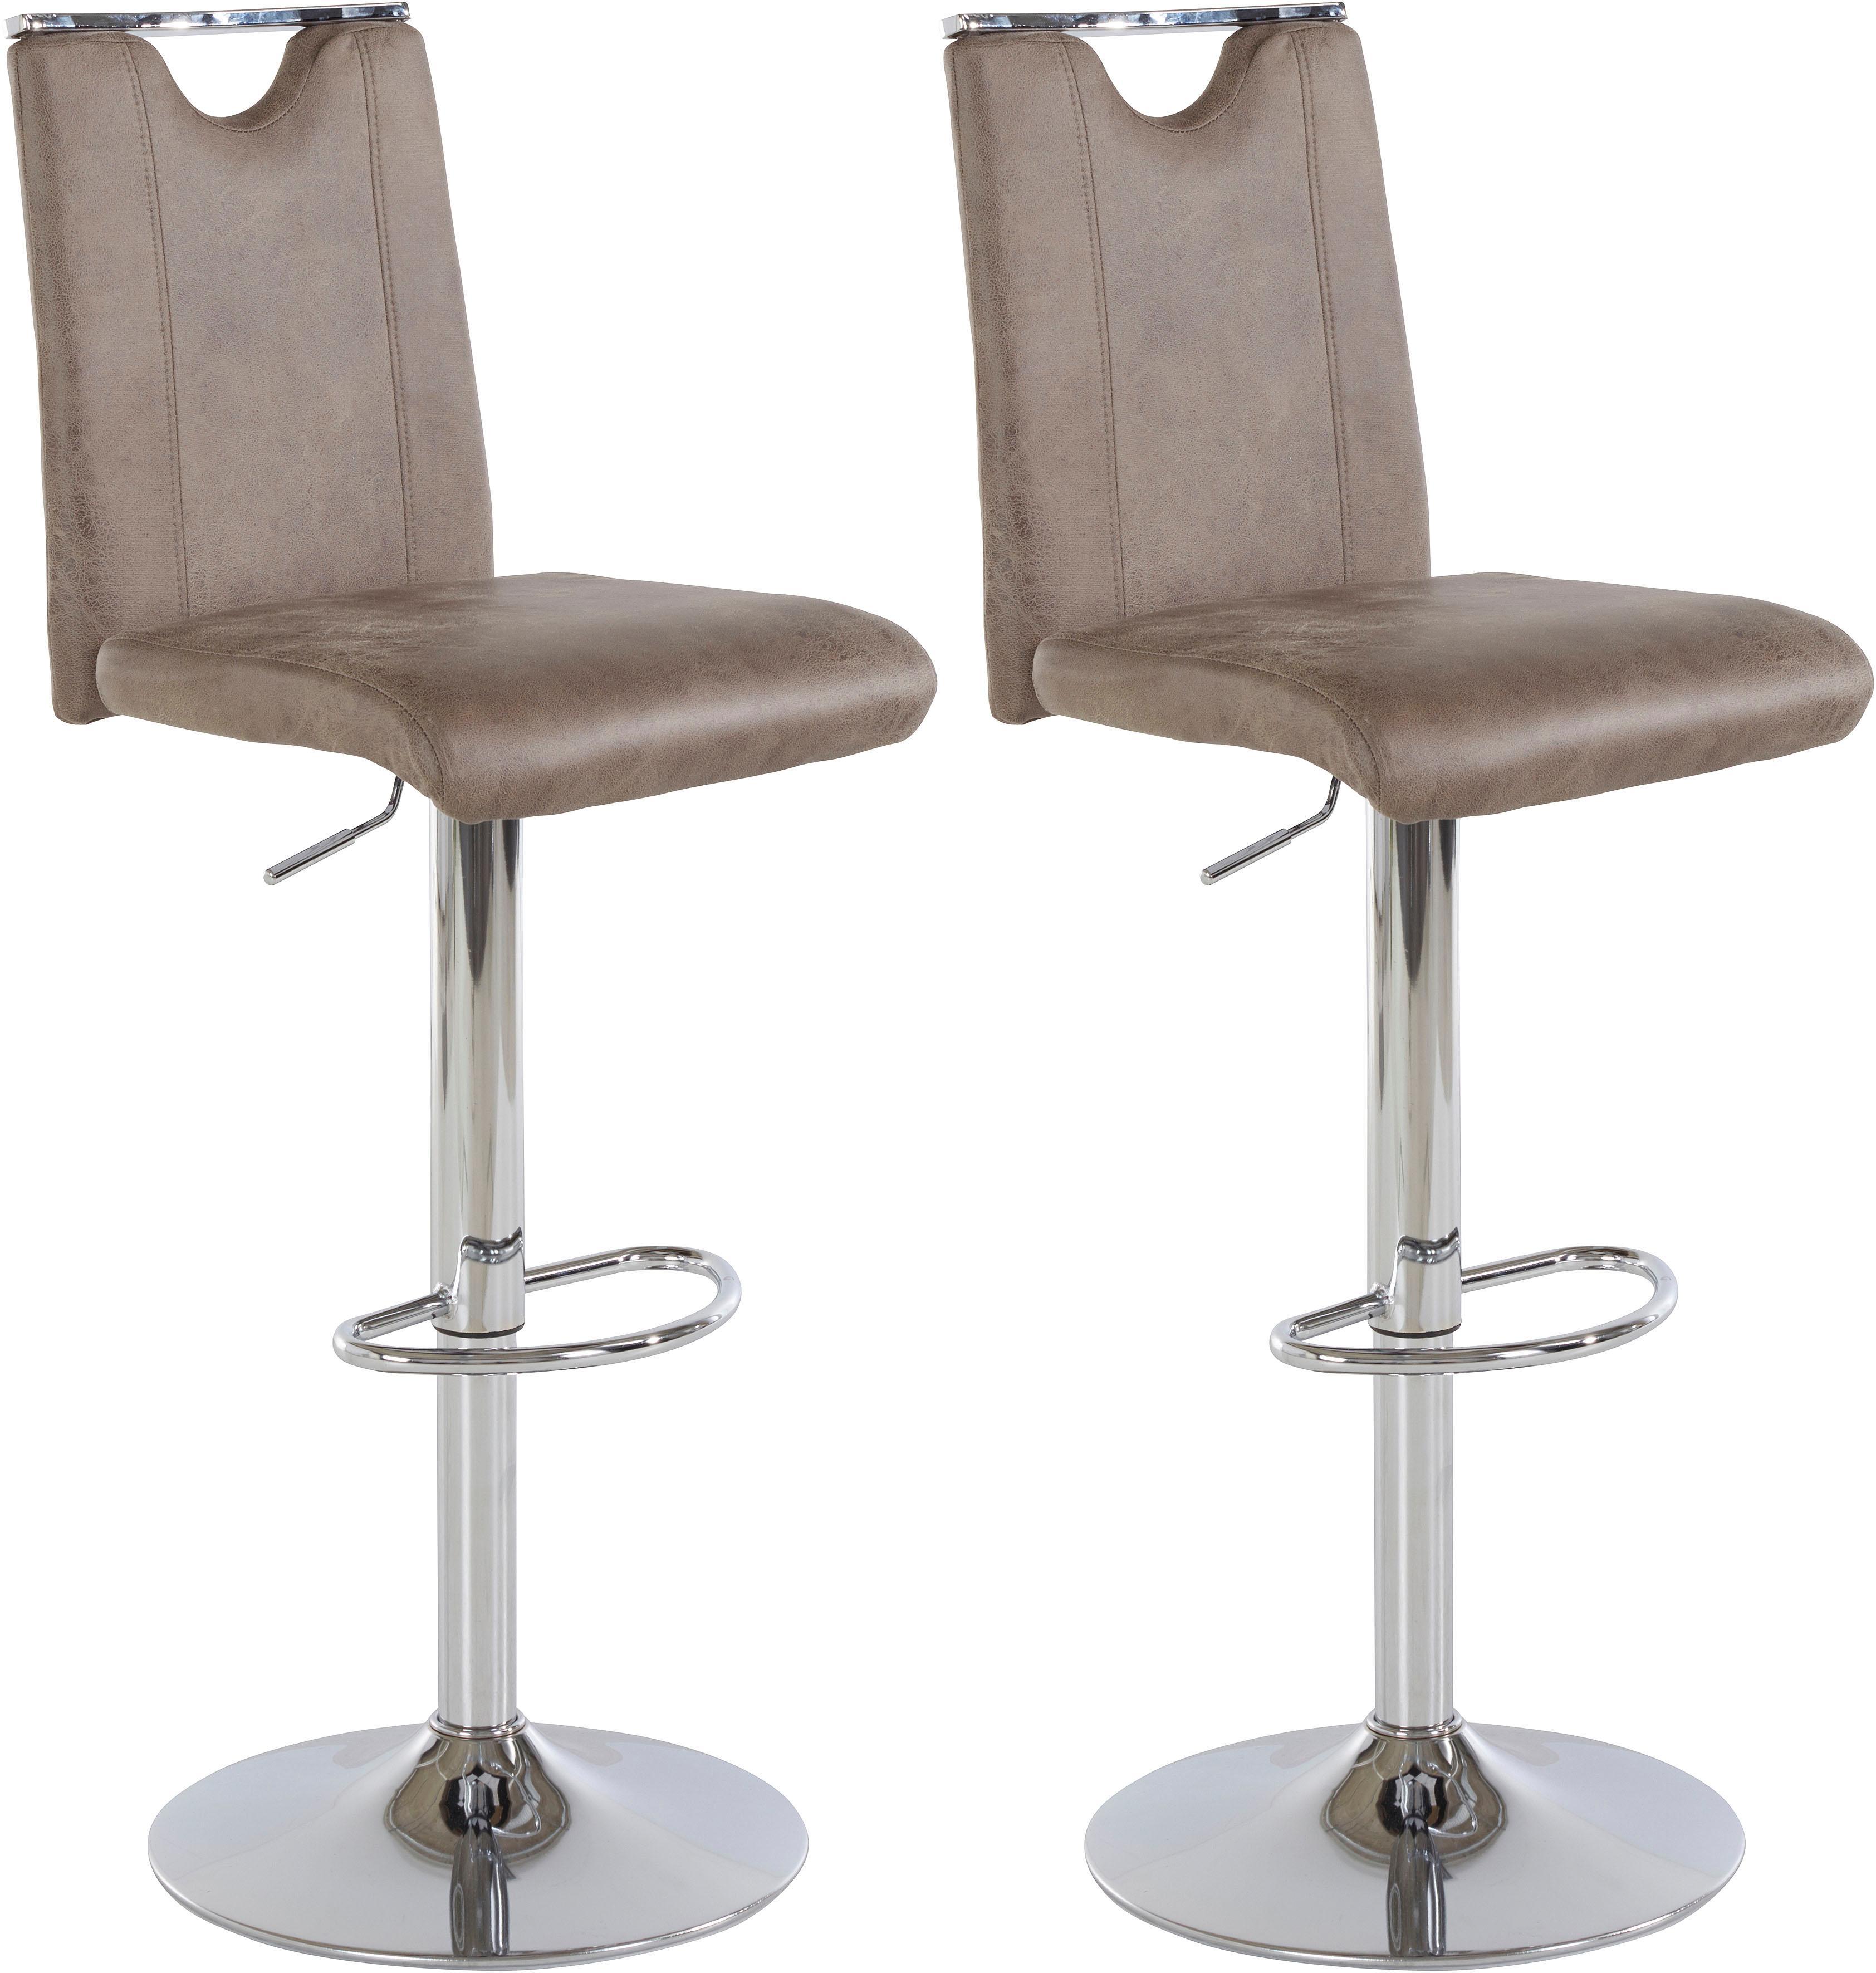 Barhocker Fever (2 Stück) Sitzhöhe 92-113 cm STEINHOFF braun